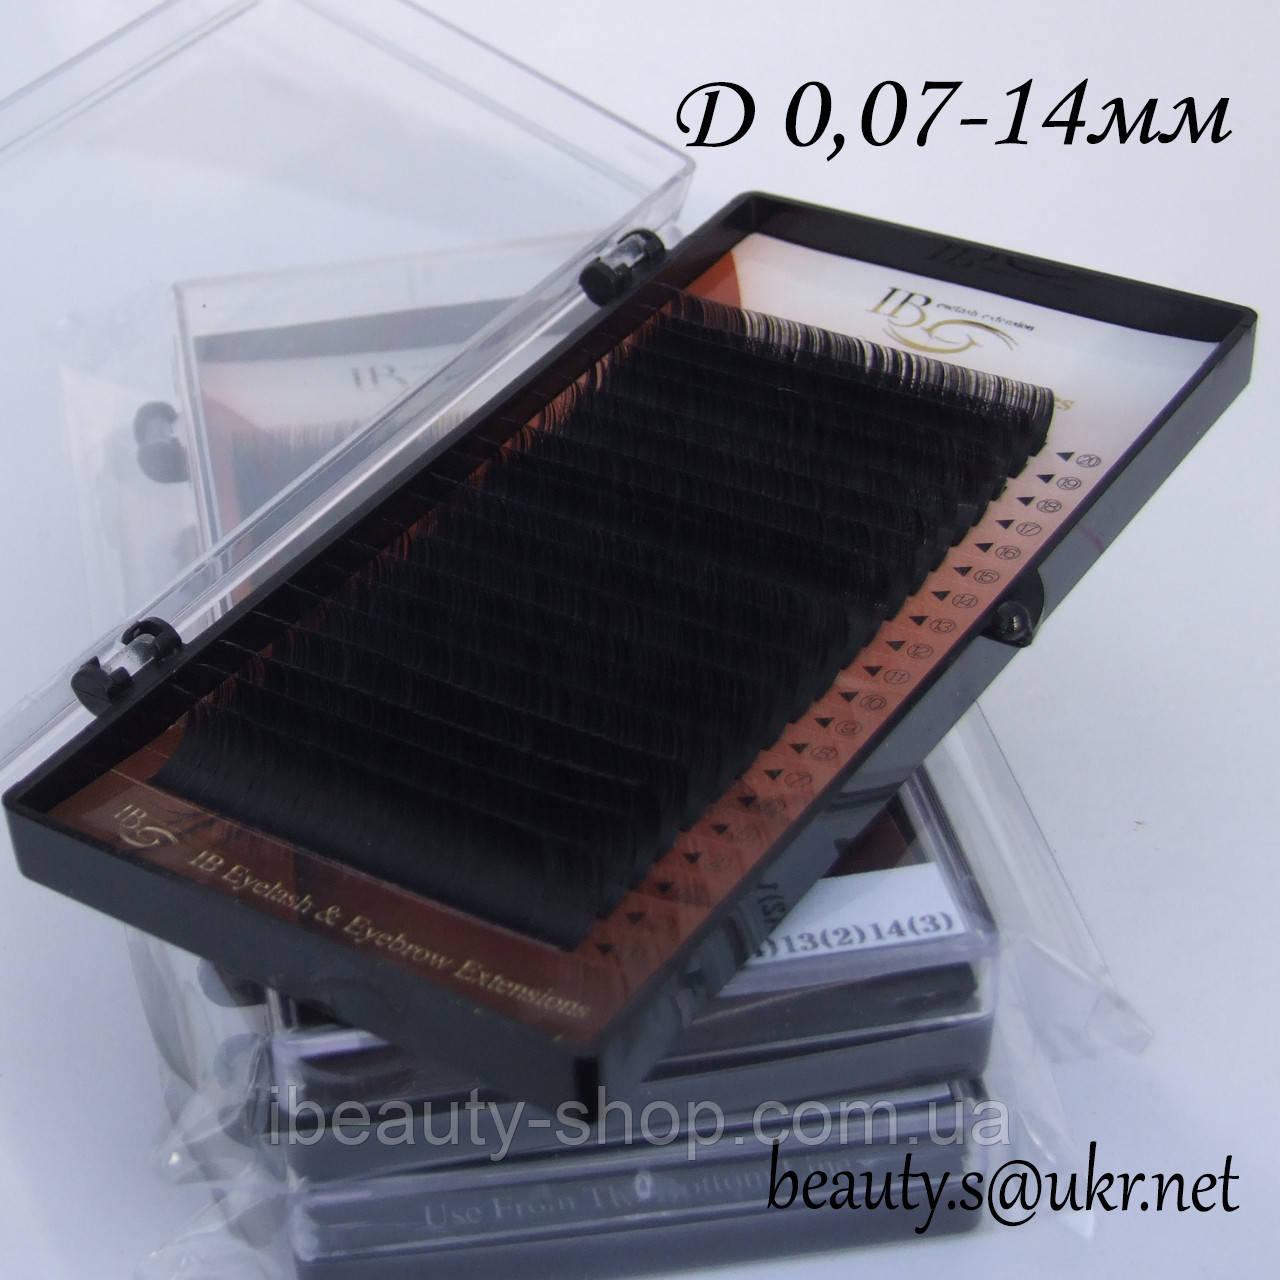 Вії I-Beauty на стрічці D-0,07 14мм